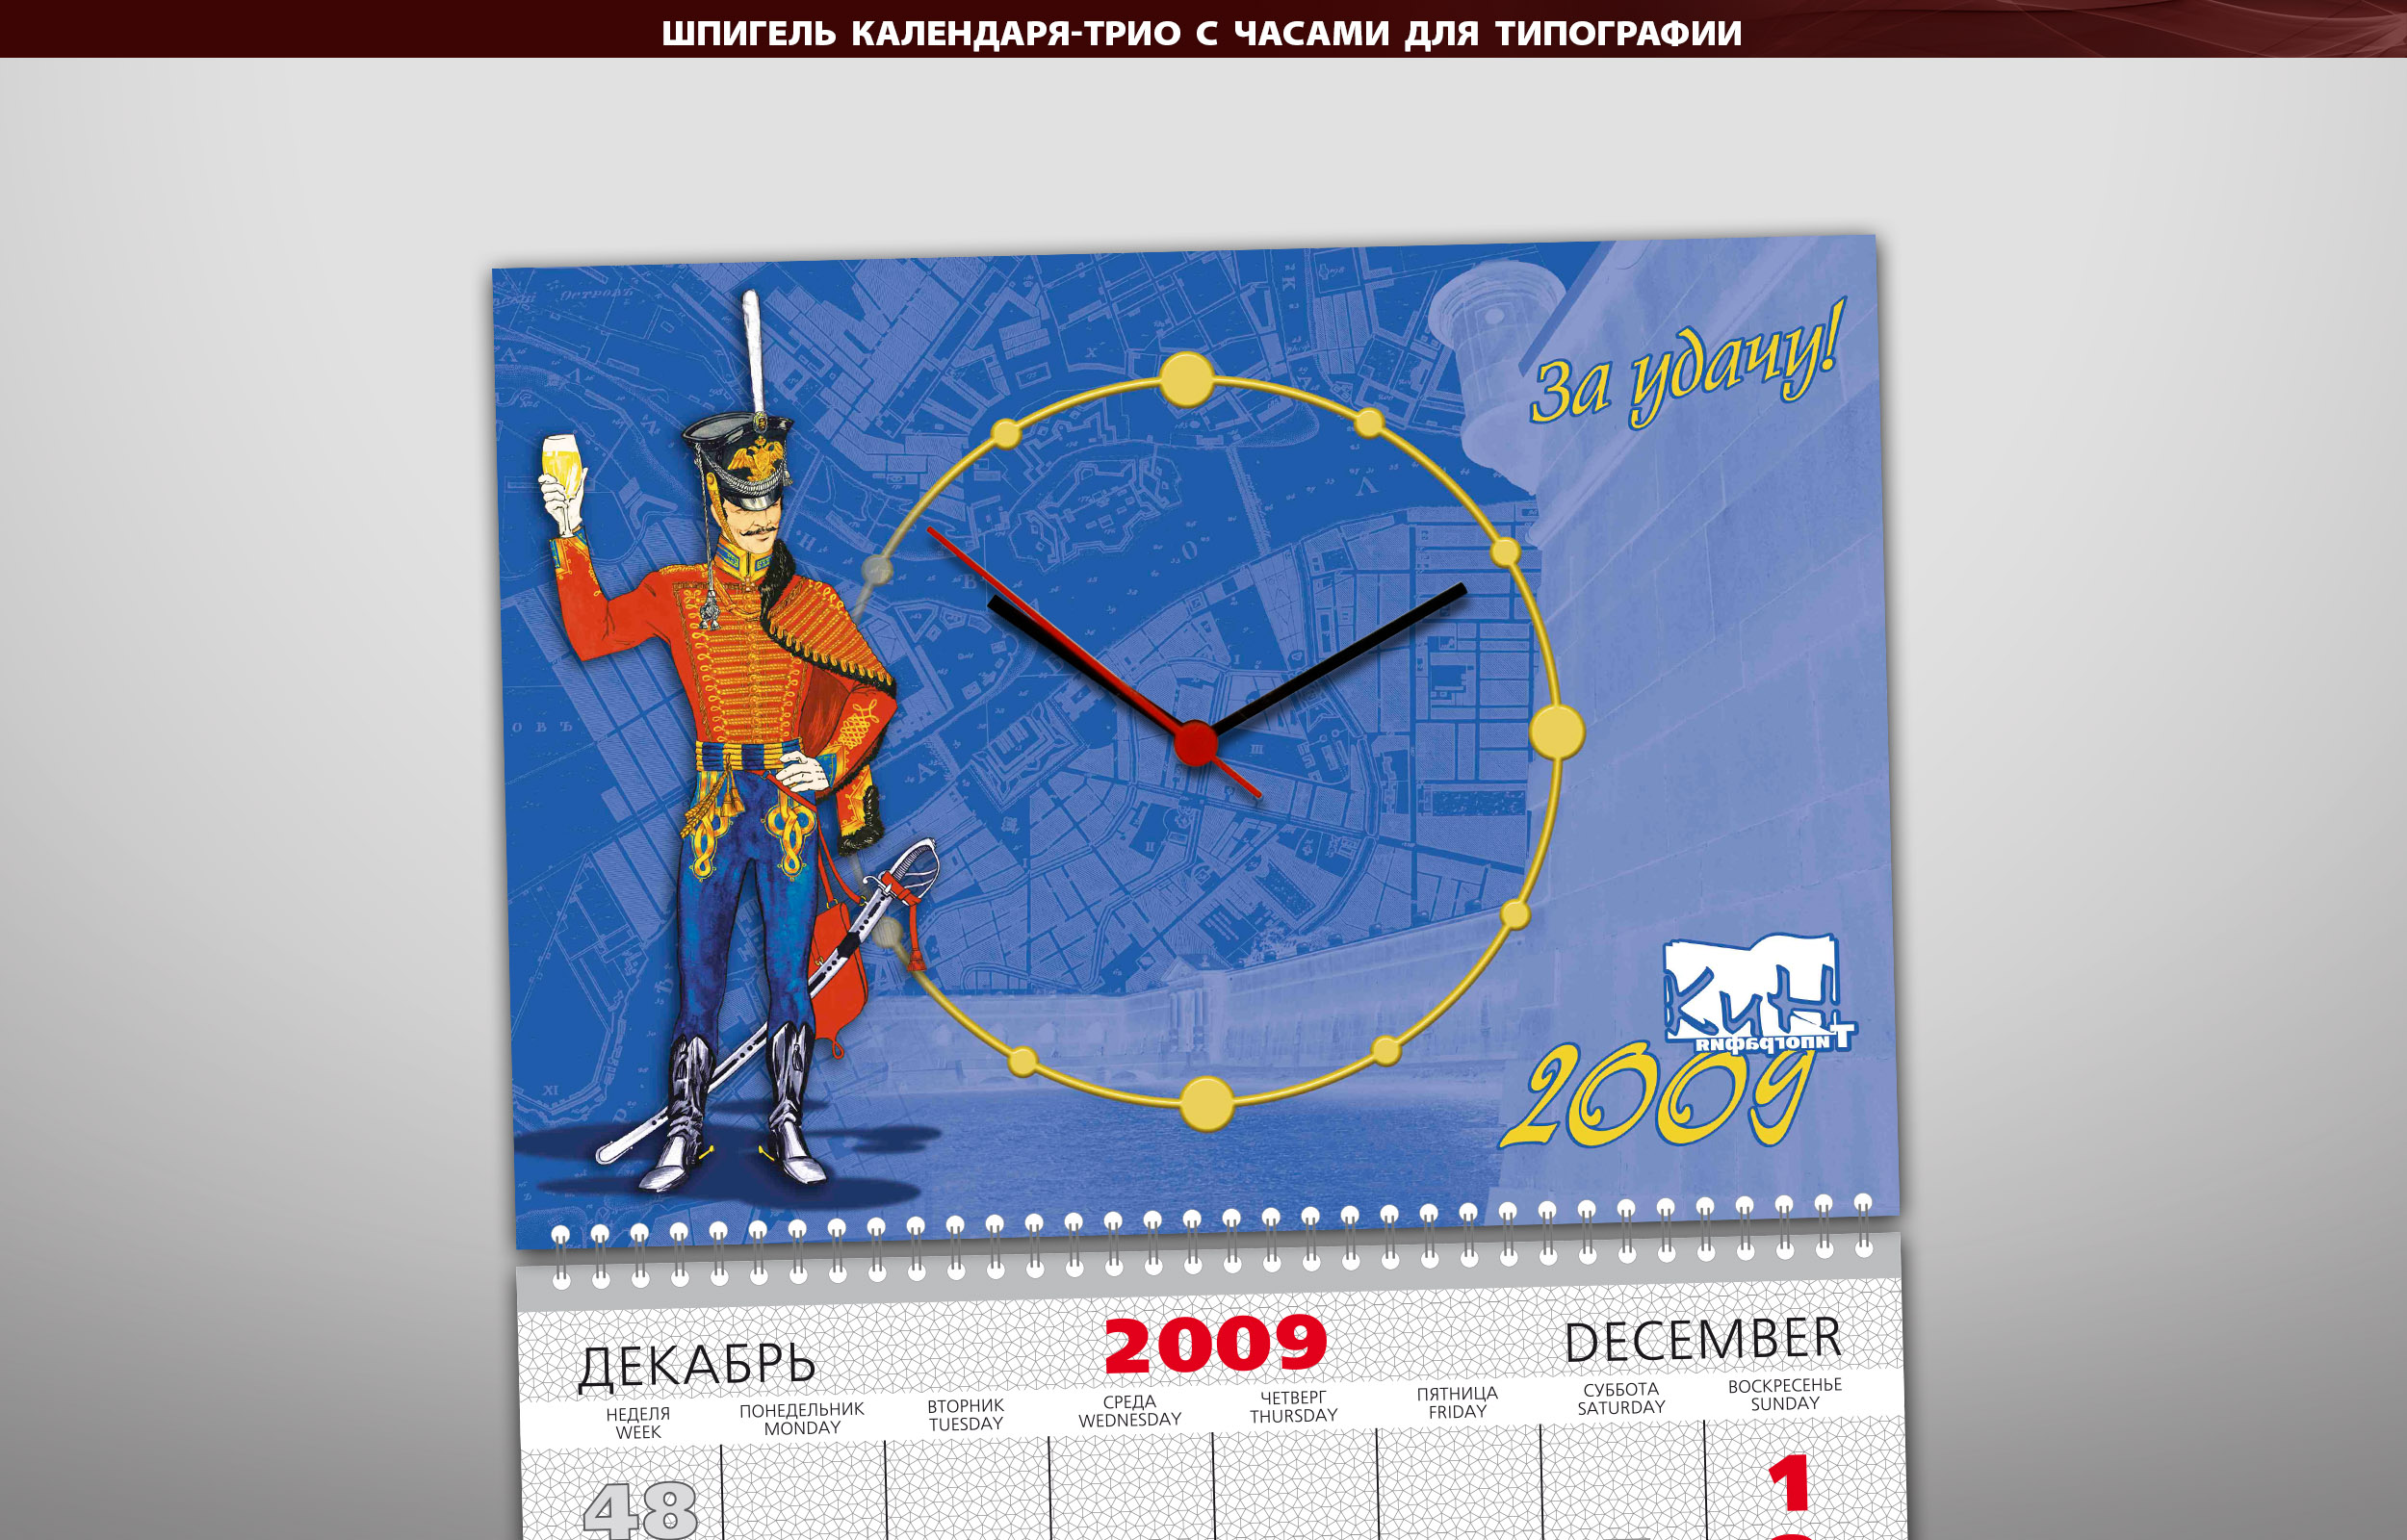 Шпигель календаря-трио с часами для типографии